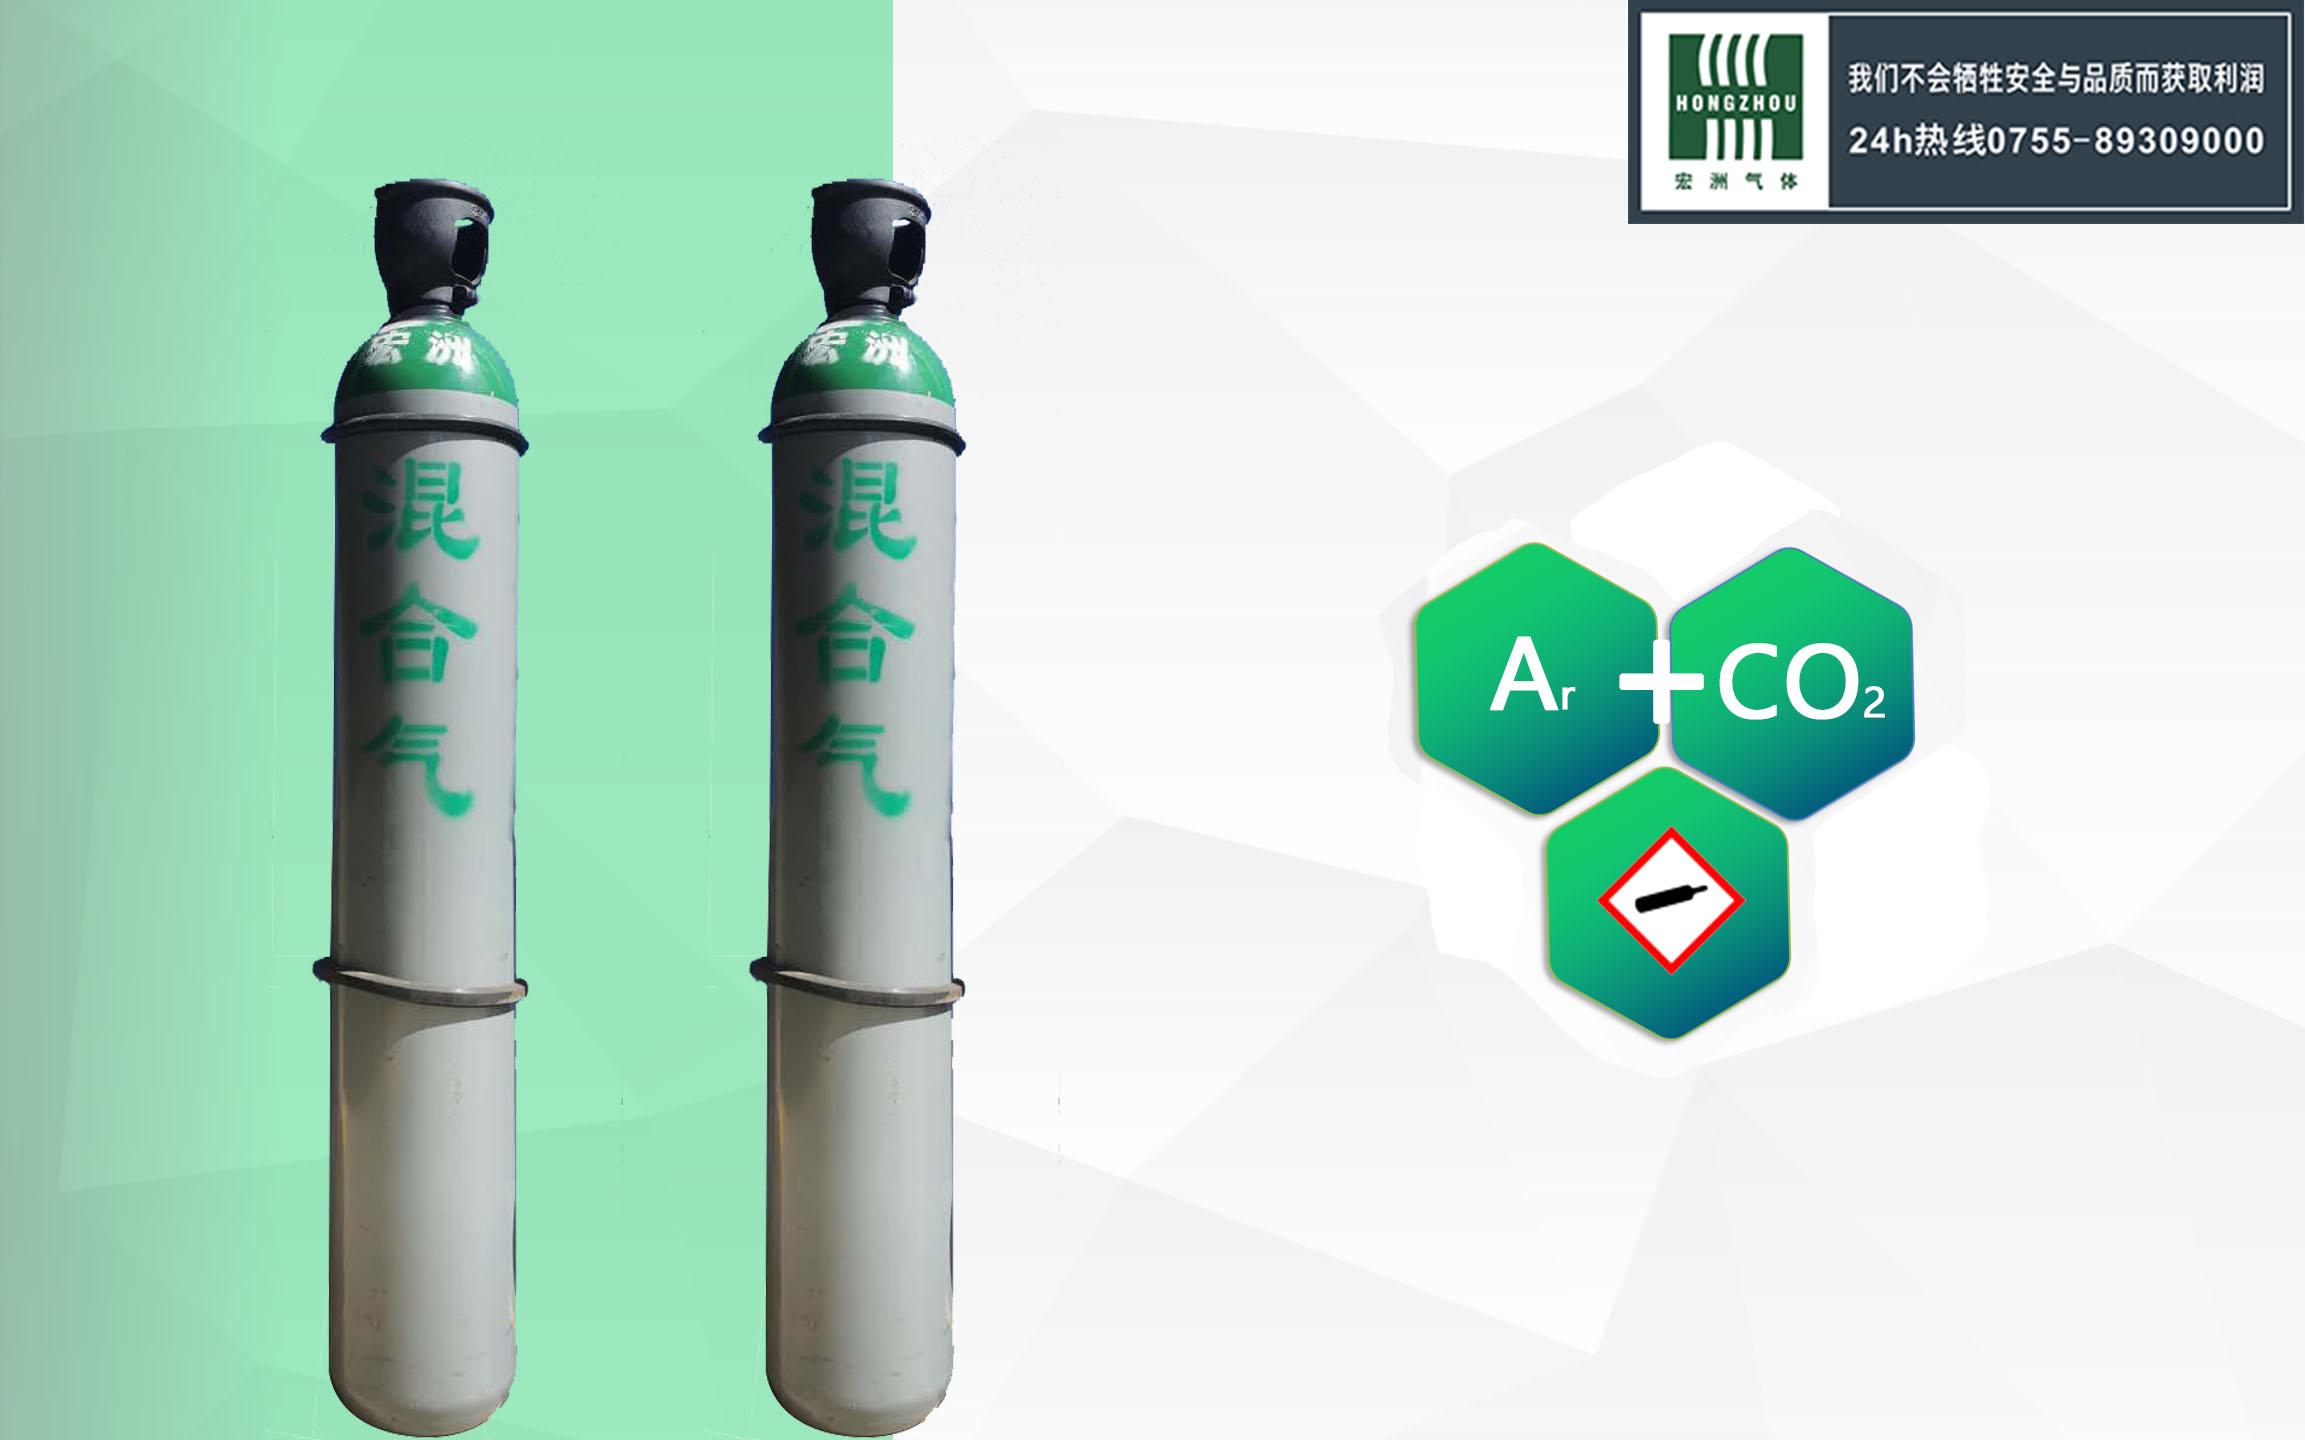 氬加二氧化碳